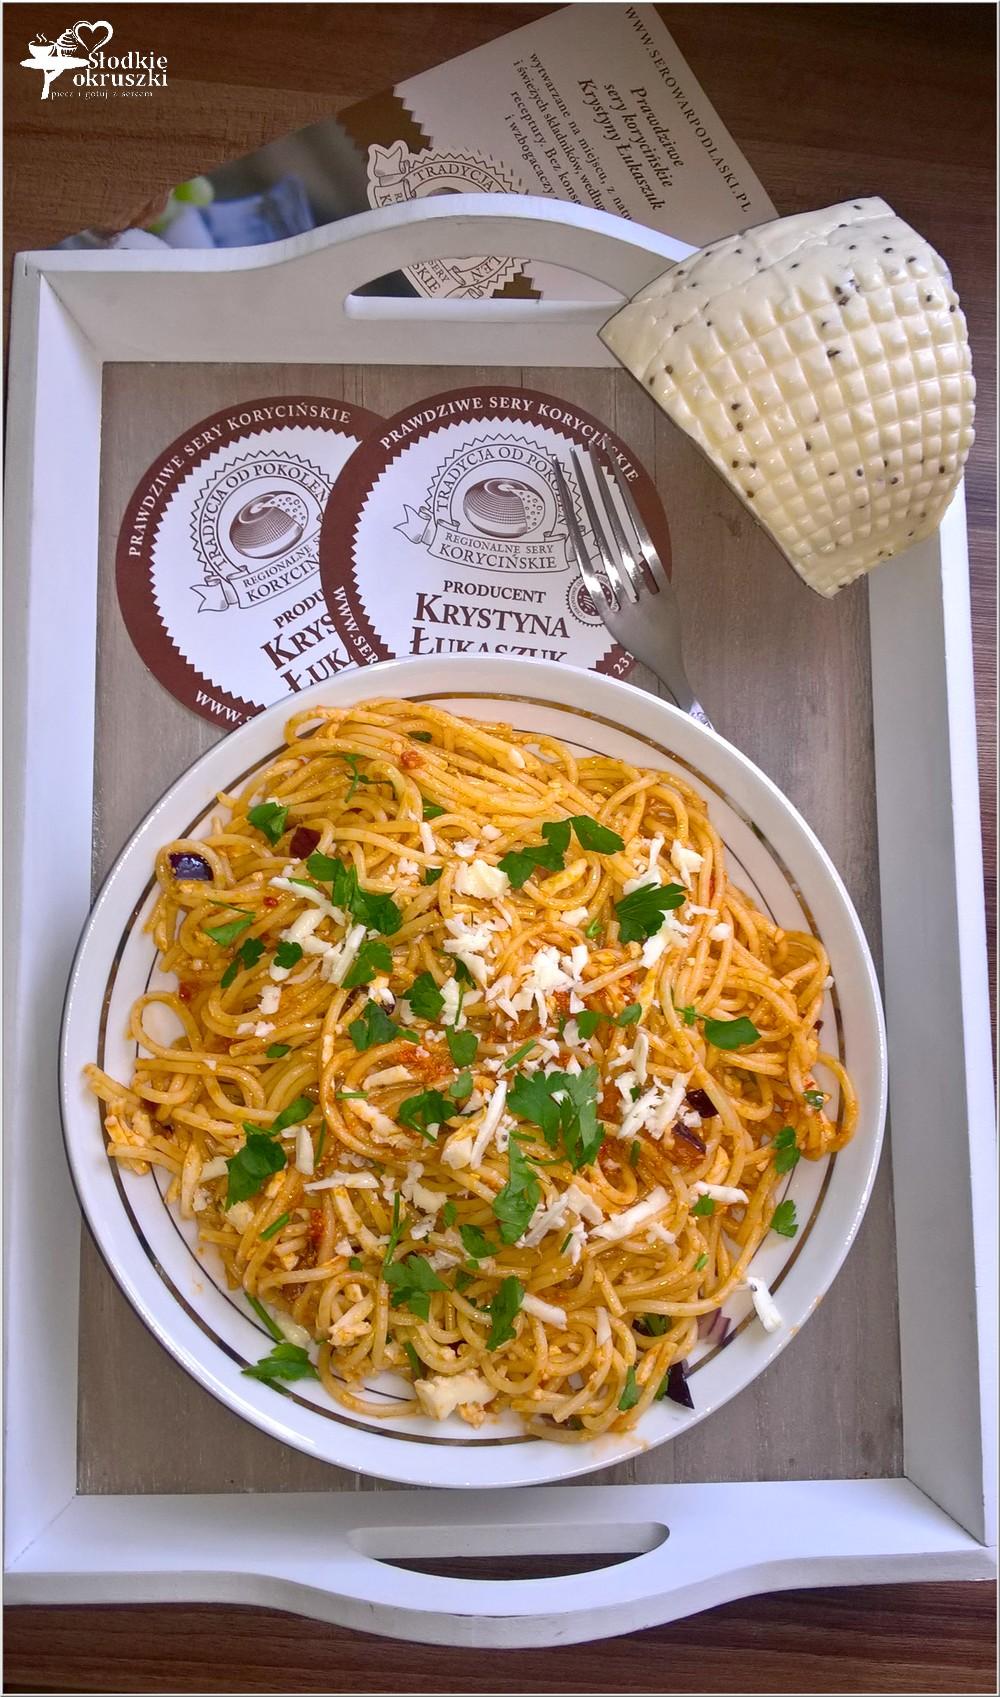 Spaghetti w pomidorowym pesto z serem korycińskim (4)